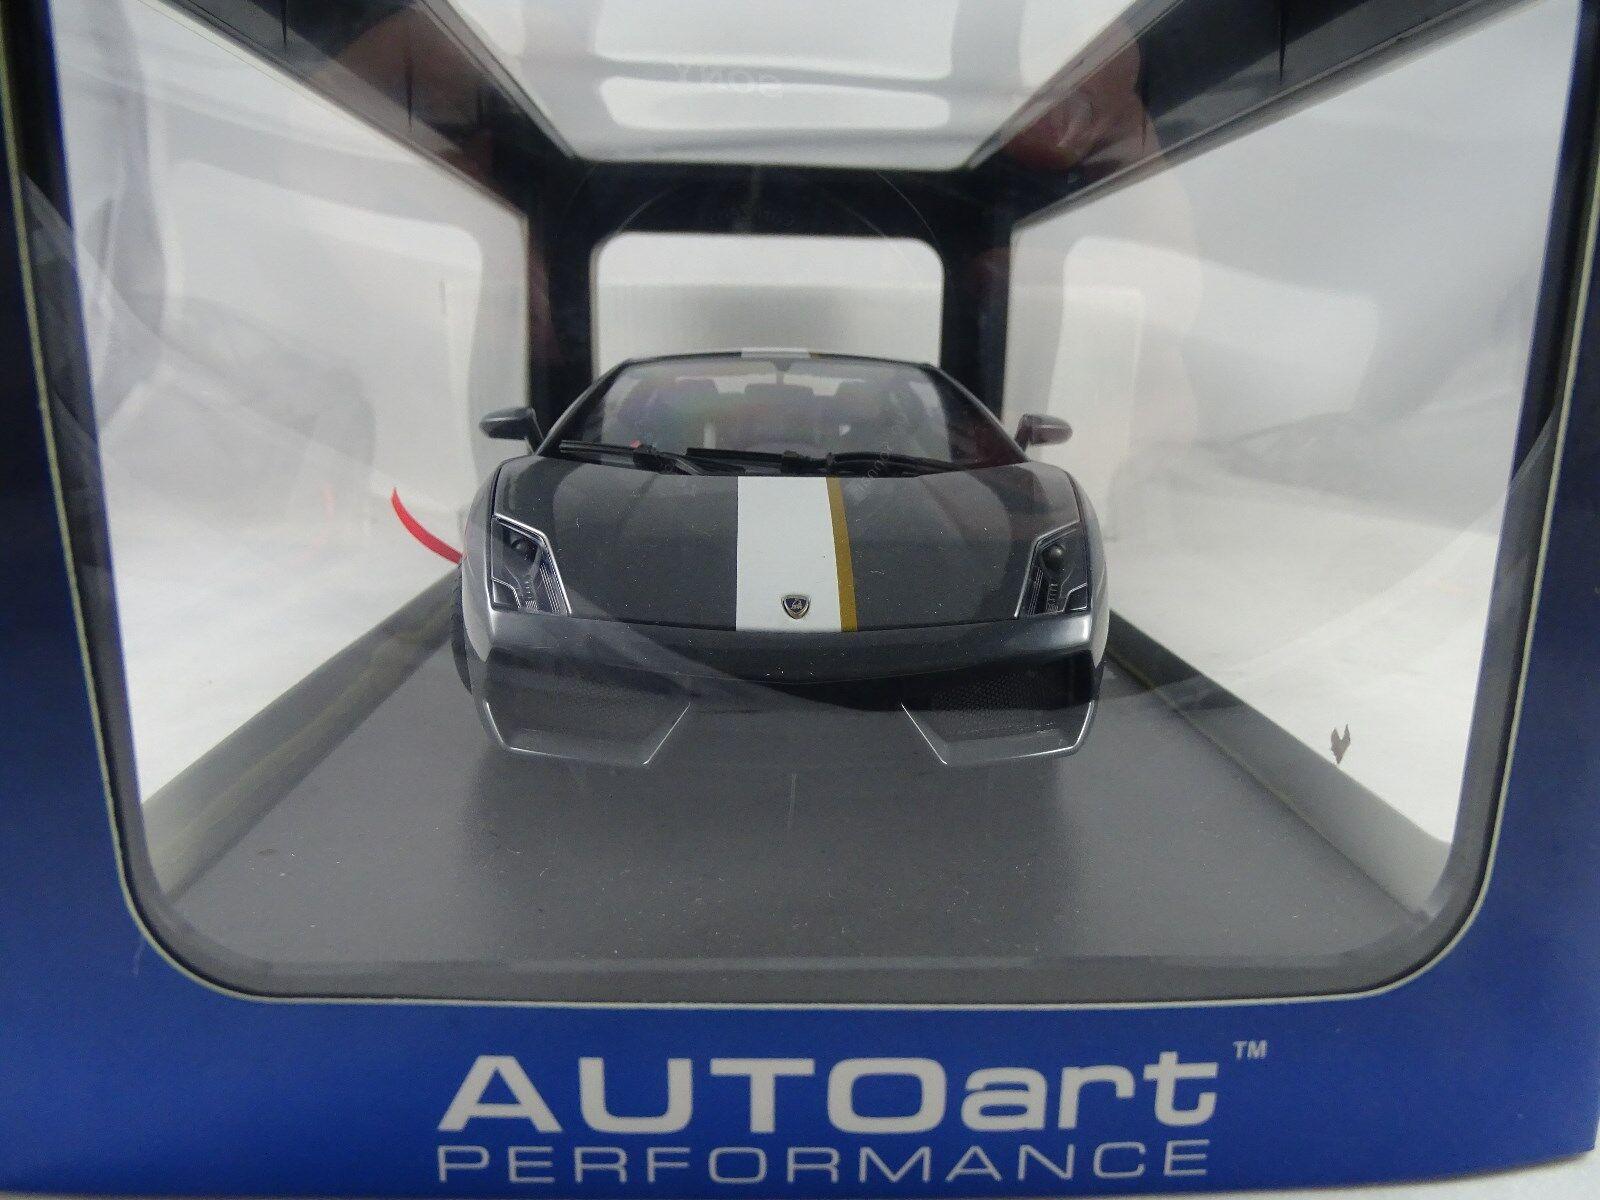 1:18 Autoart #74634 LAMBORGHINI GALLARDO lp550-2 Balboni Edition grey rarità §